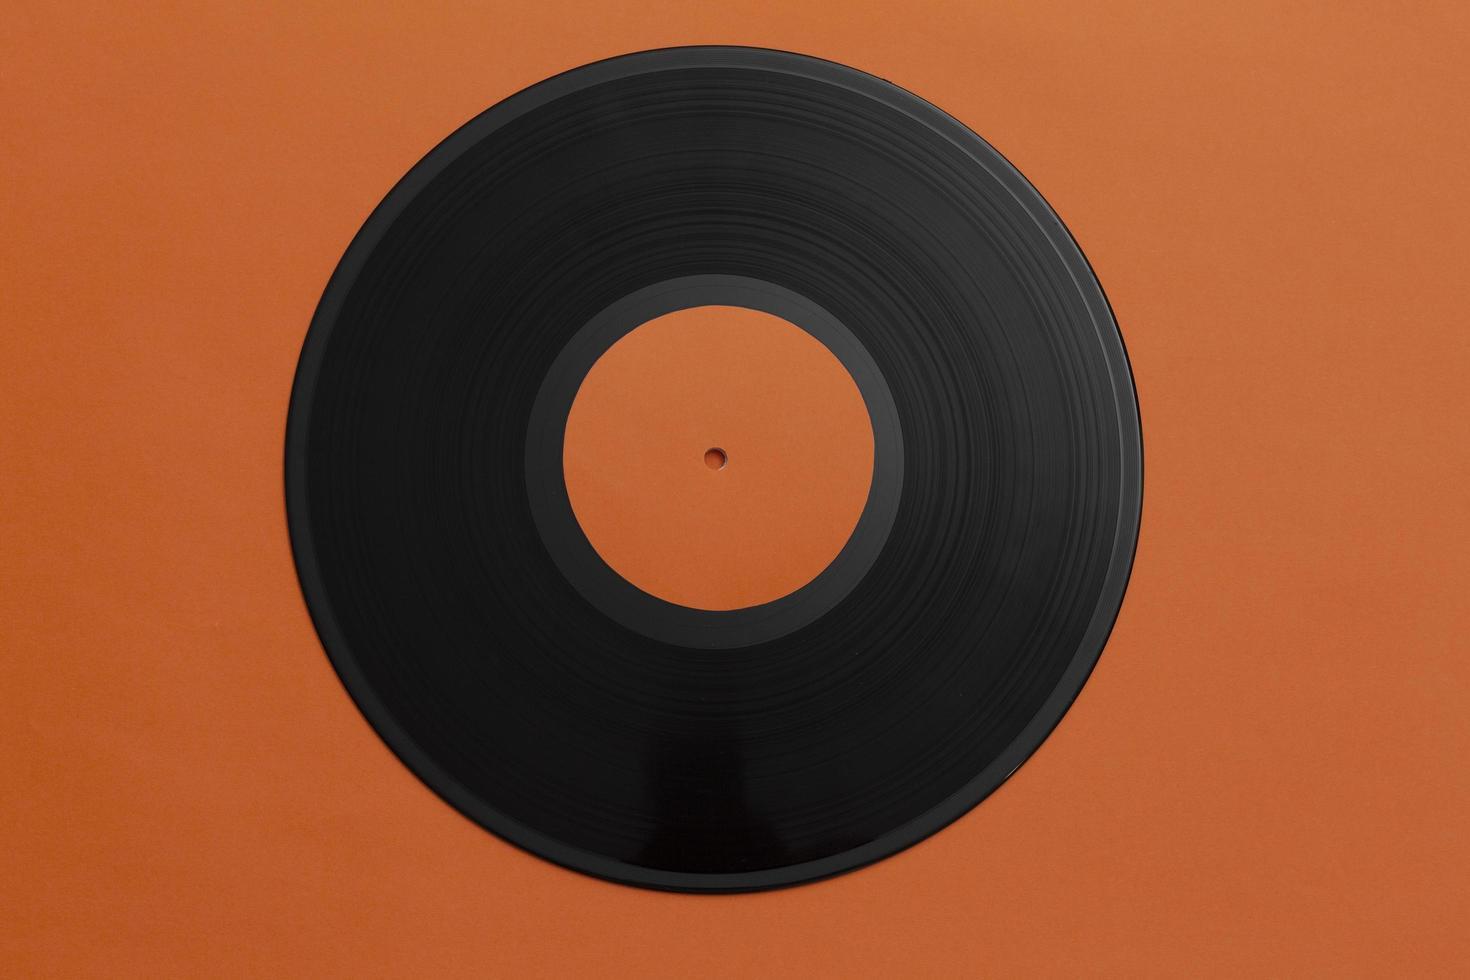 arrangement de disque vinyle vue de dessus photo